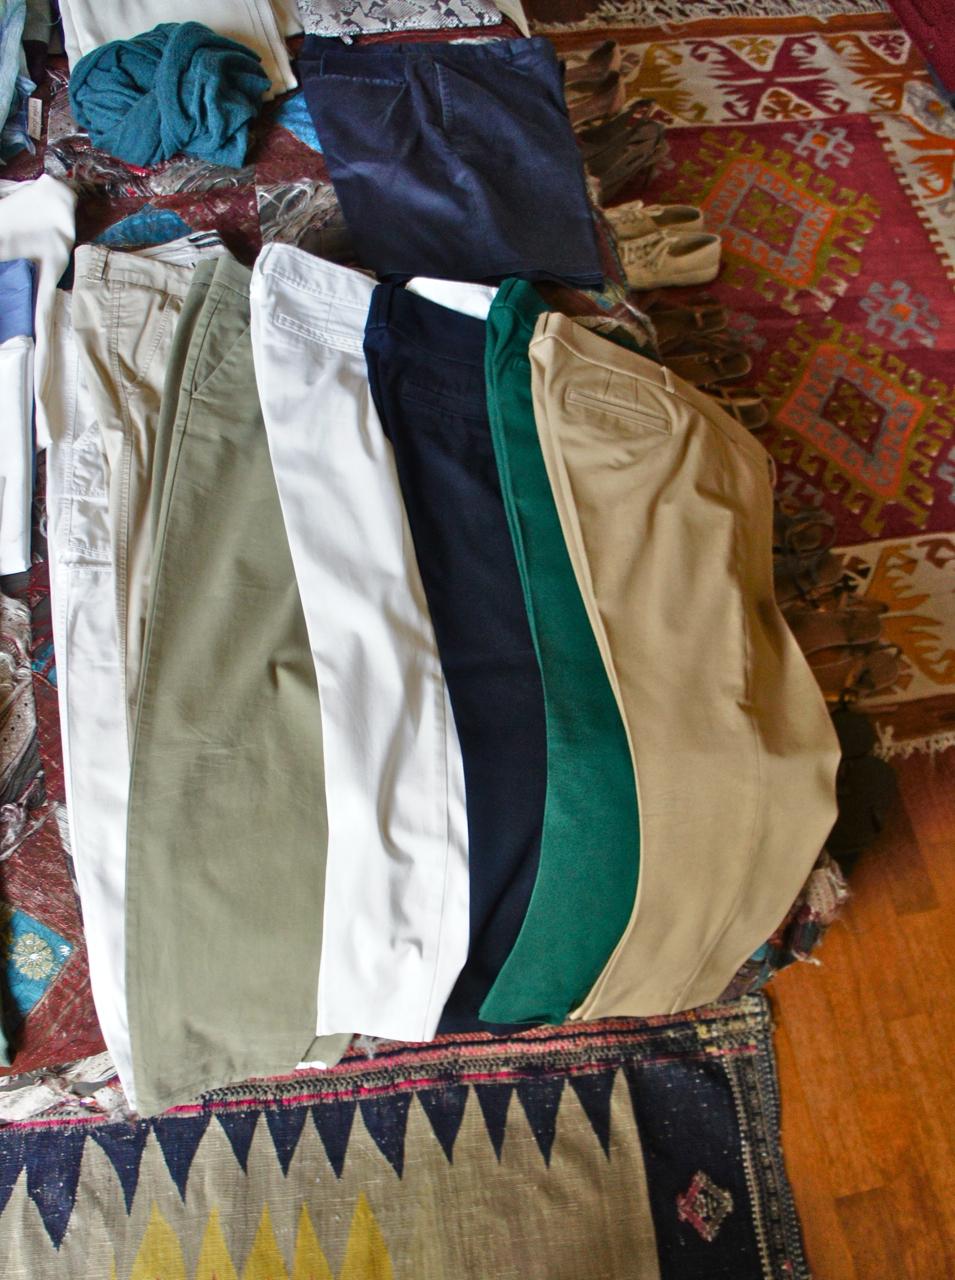 As calças largas de algodão levinho para usar ao invés de bermudas!  E algumas calças de cidade que uso sempre.